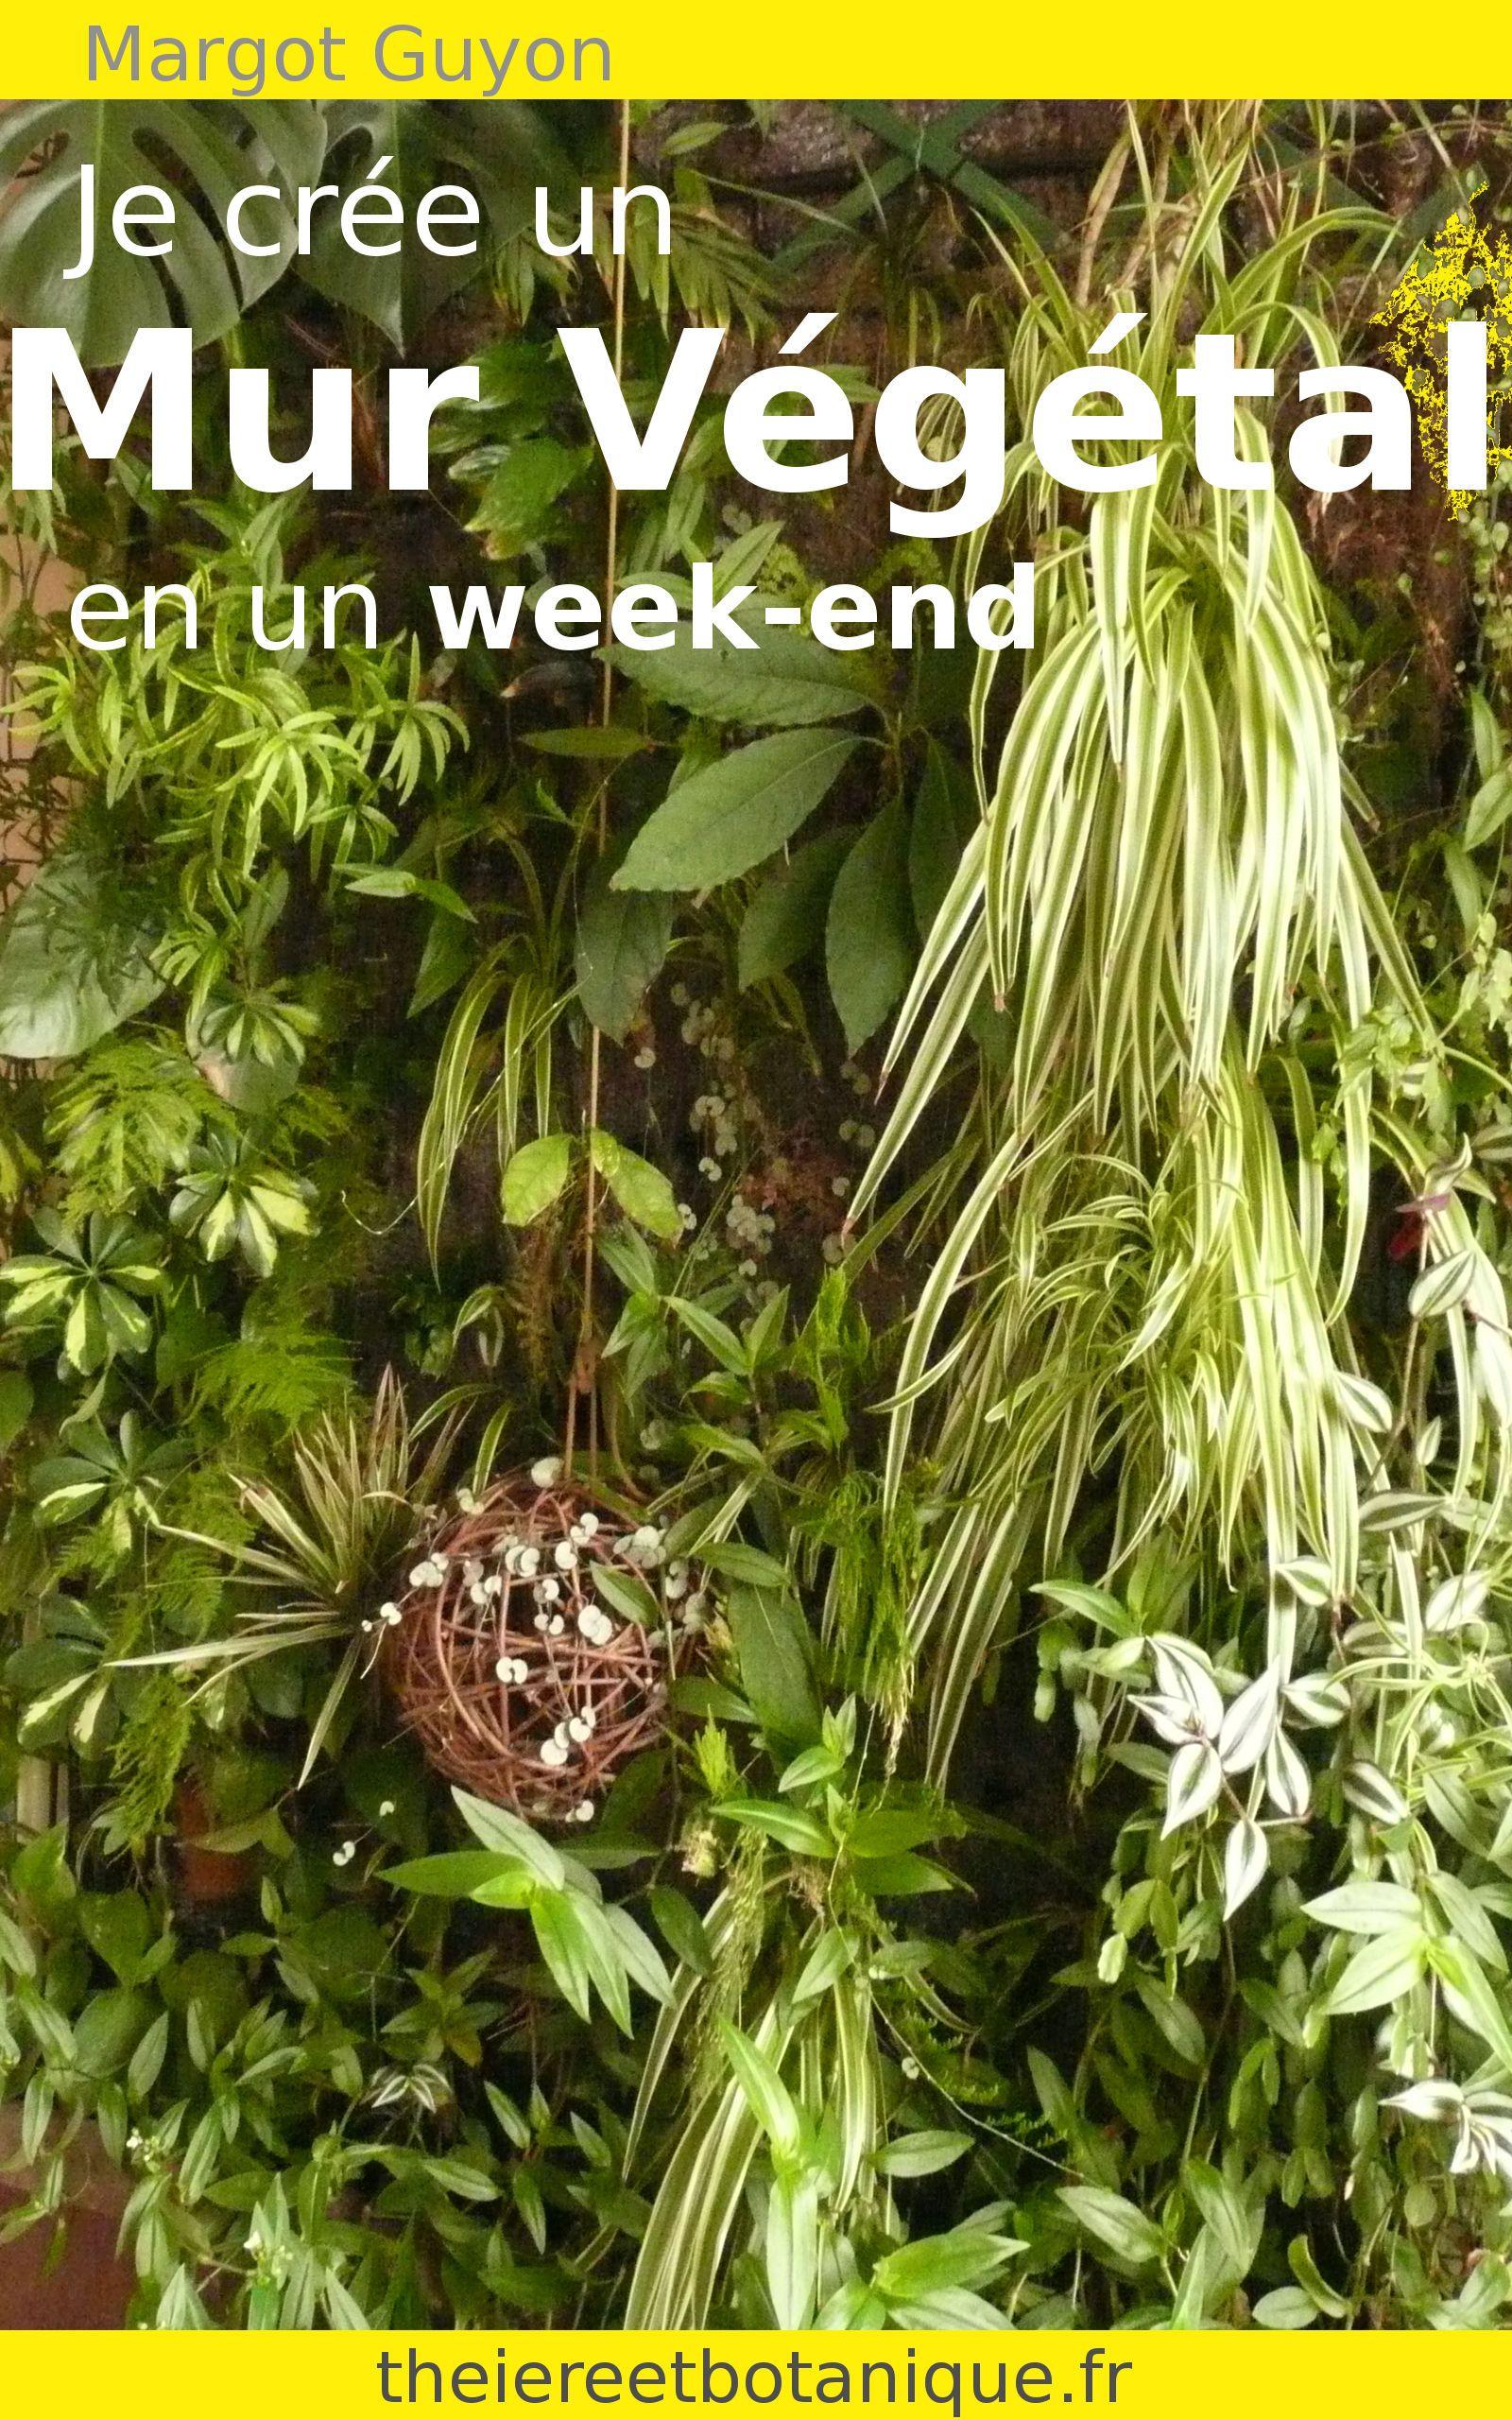 Les 10 meilleures id es de la cat gorie mur vegetal sur for Mur vegetal fausse plante